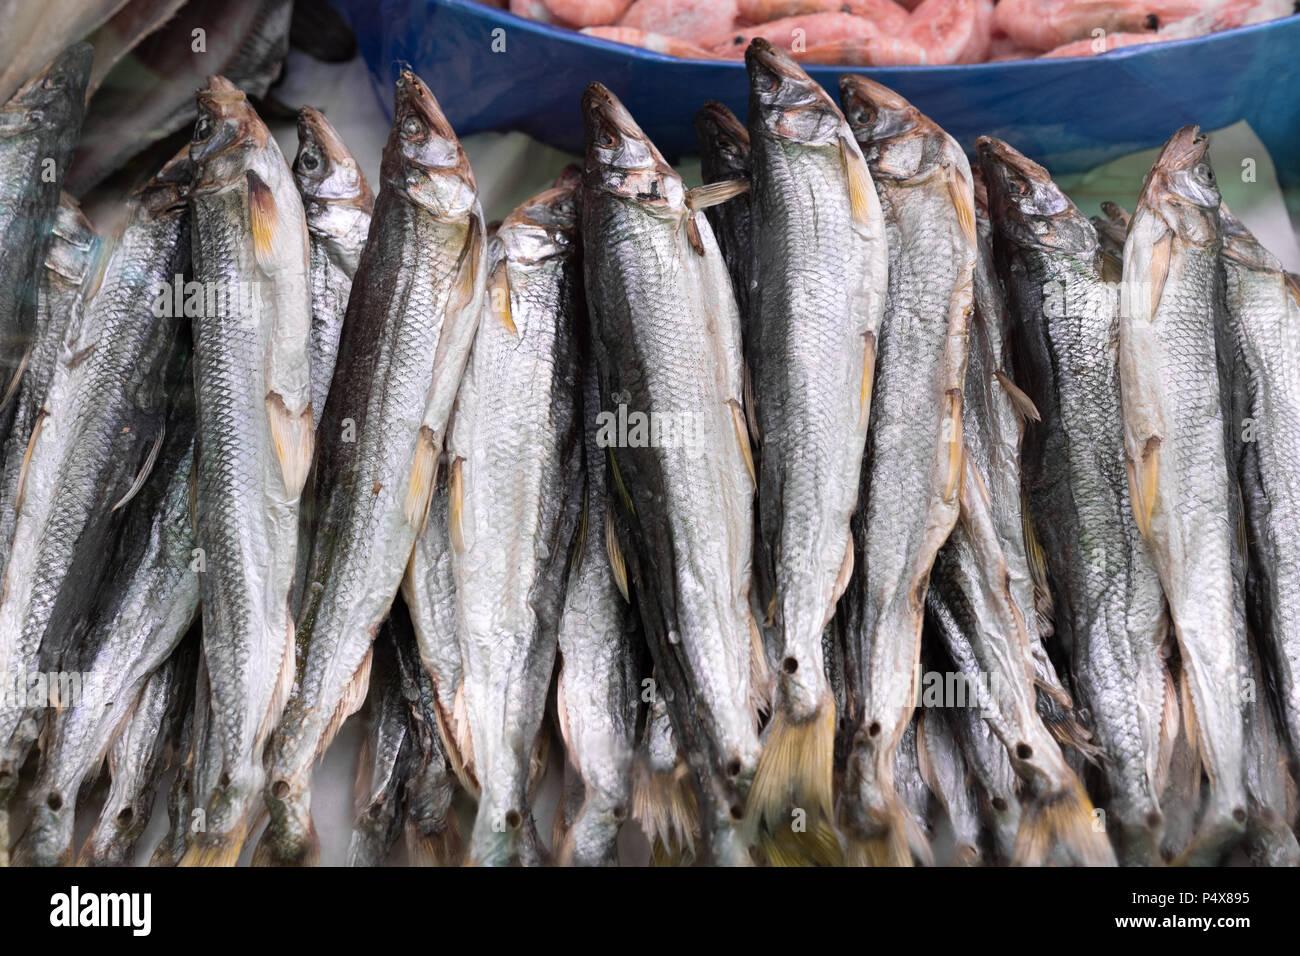 Vista cercana de secas saladas Peces salino en el contador para mercado de pescado. Concepto: delicioso, mercado de pescado, la cocina asiática. Imagen De Stock